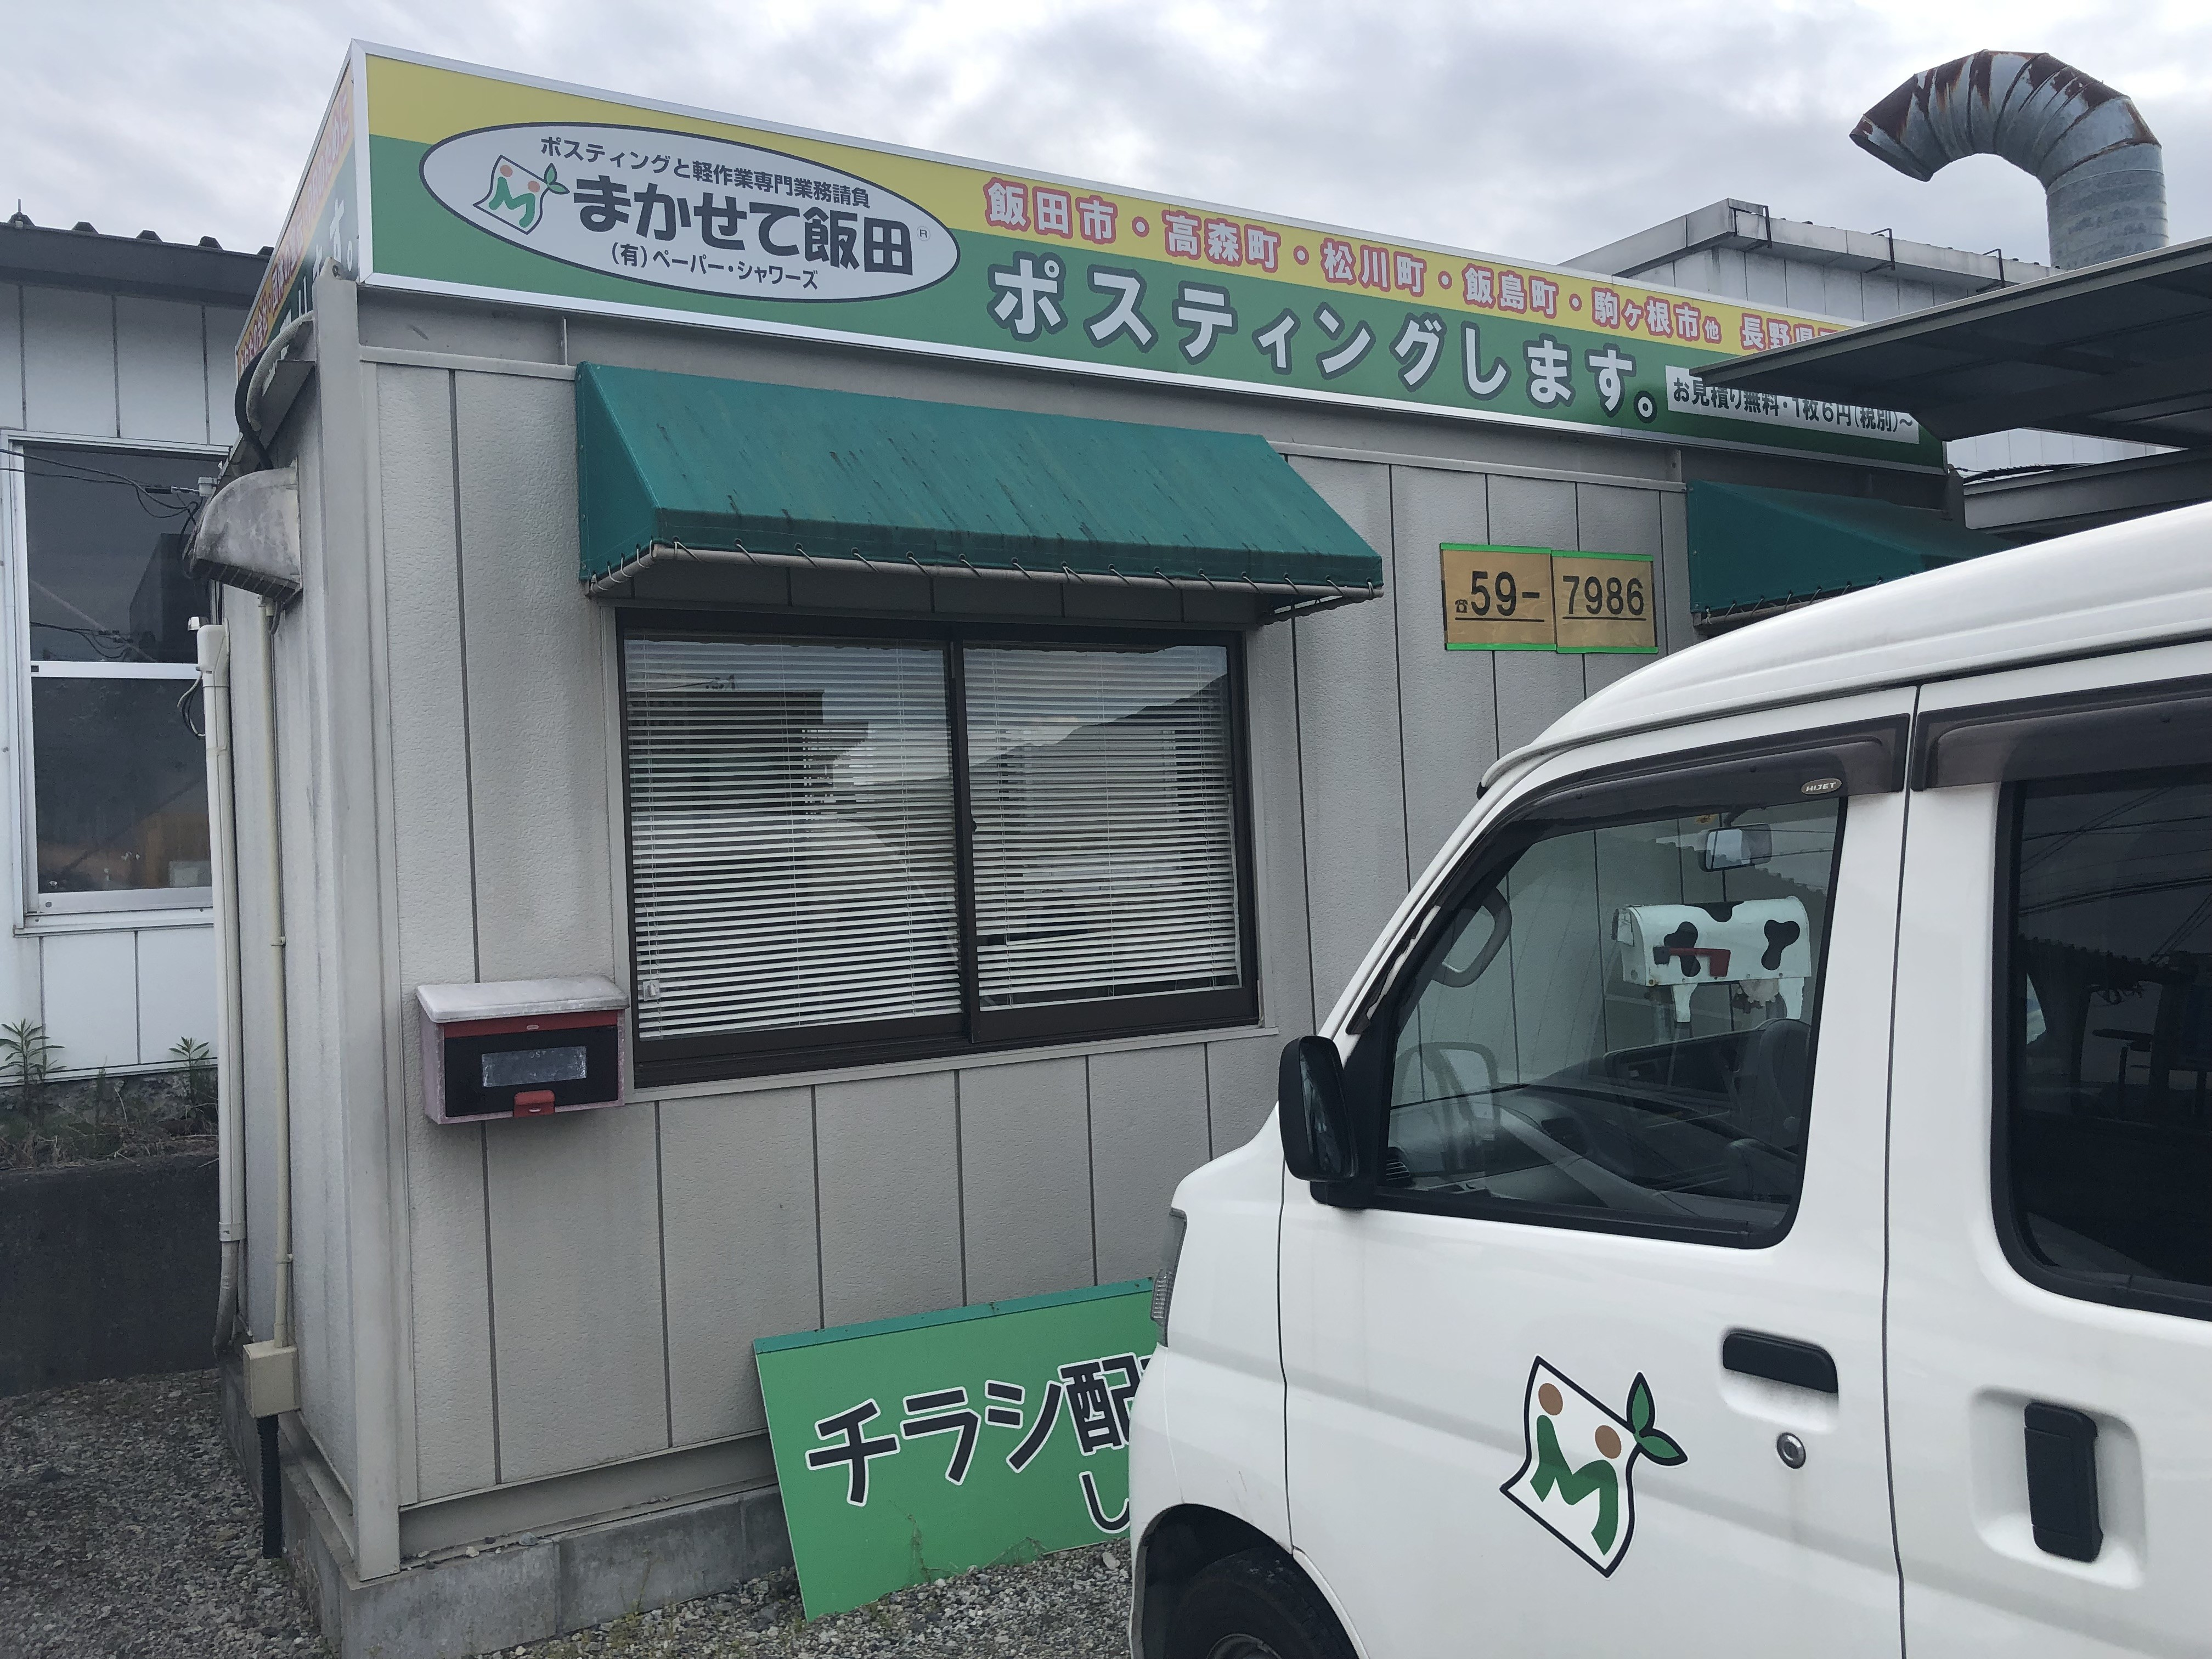 ❀まかせて飯田 登録説明会開催❀